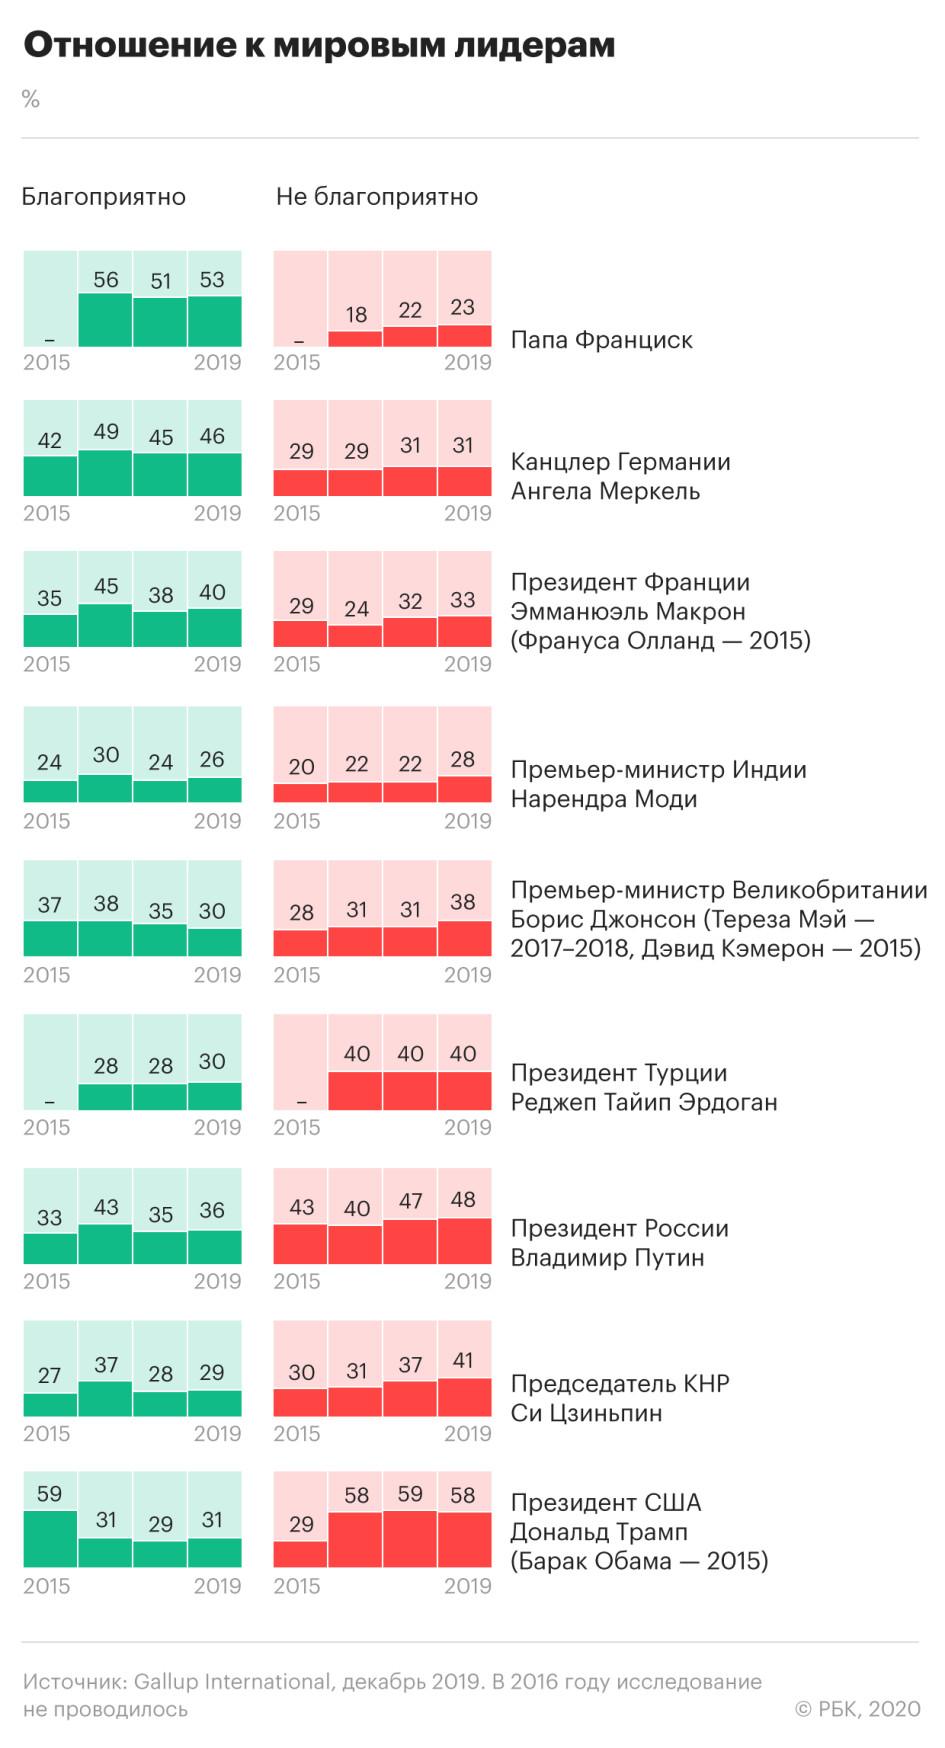 Социологи назвали Трампа и Путина самыми известными политиками в мире